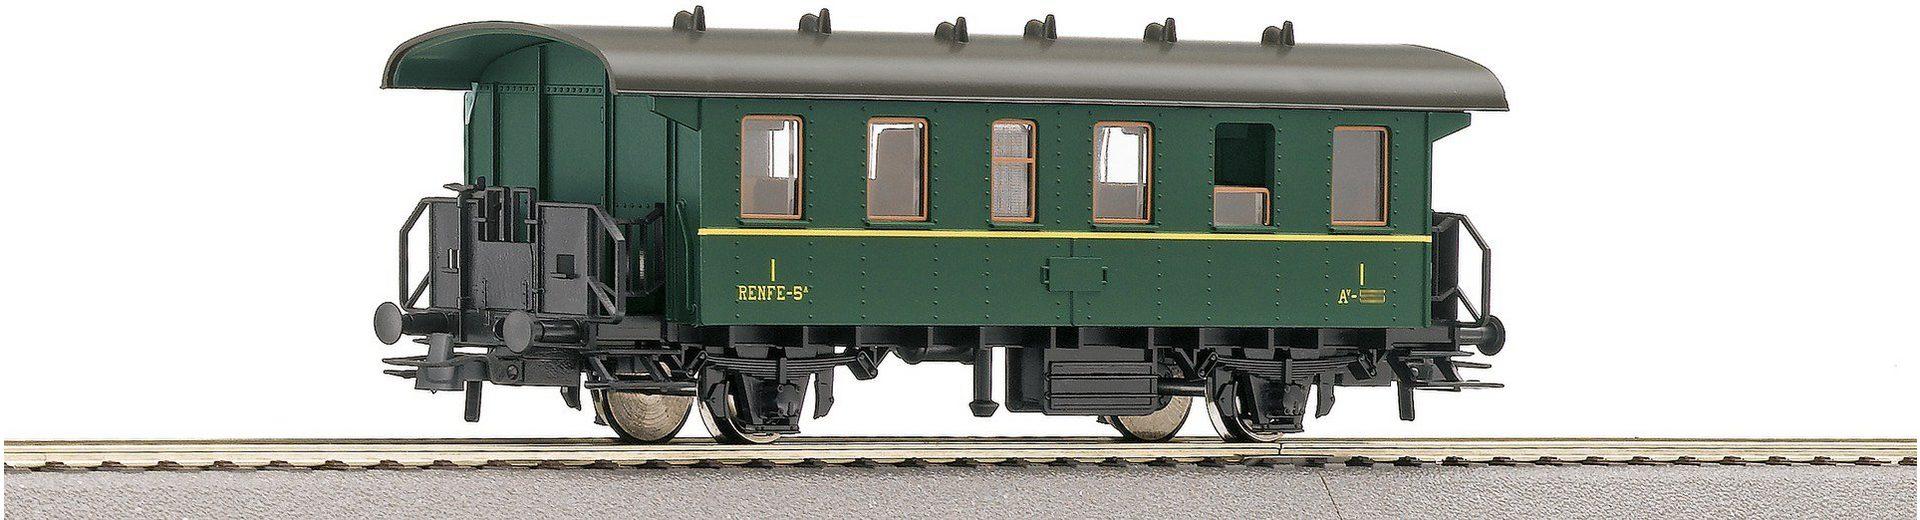 Roco Personenwagen, Spur H0, »1. Klasse Renfe - Gleichstrom«